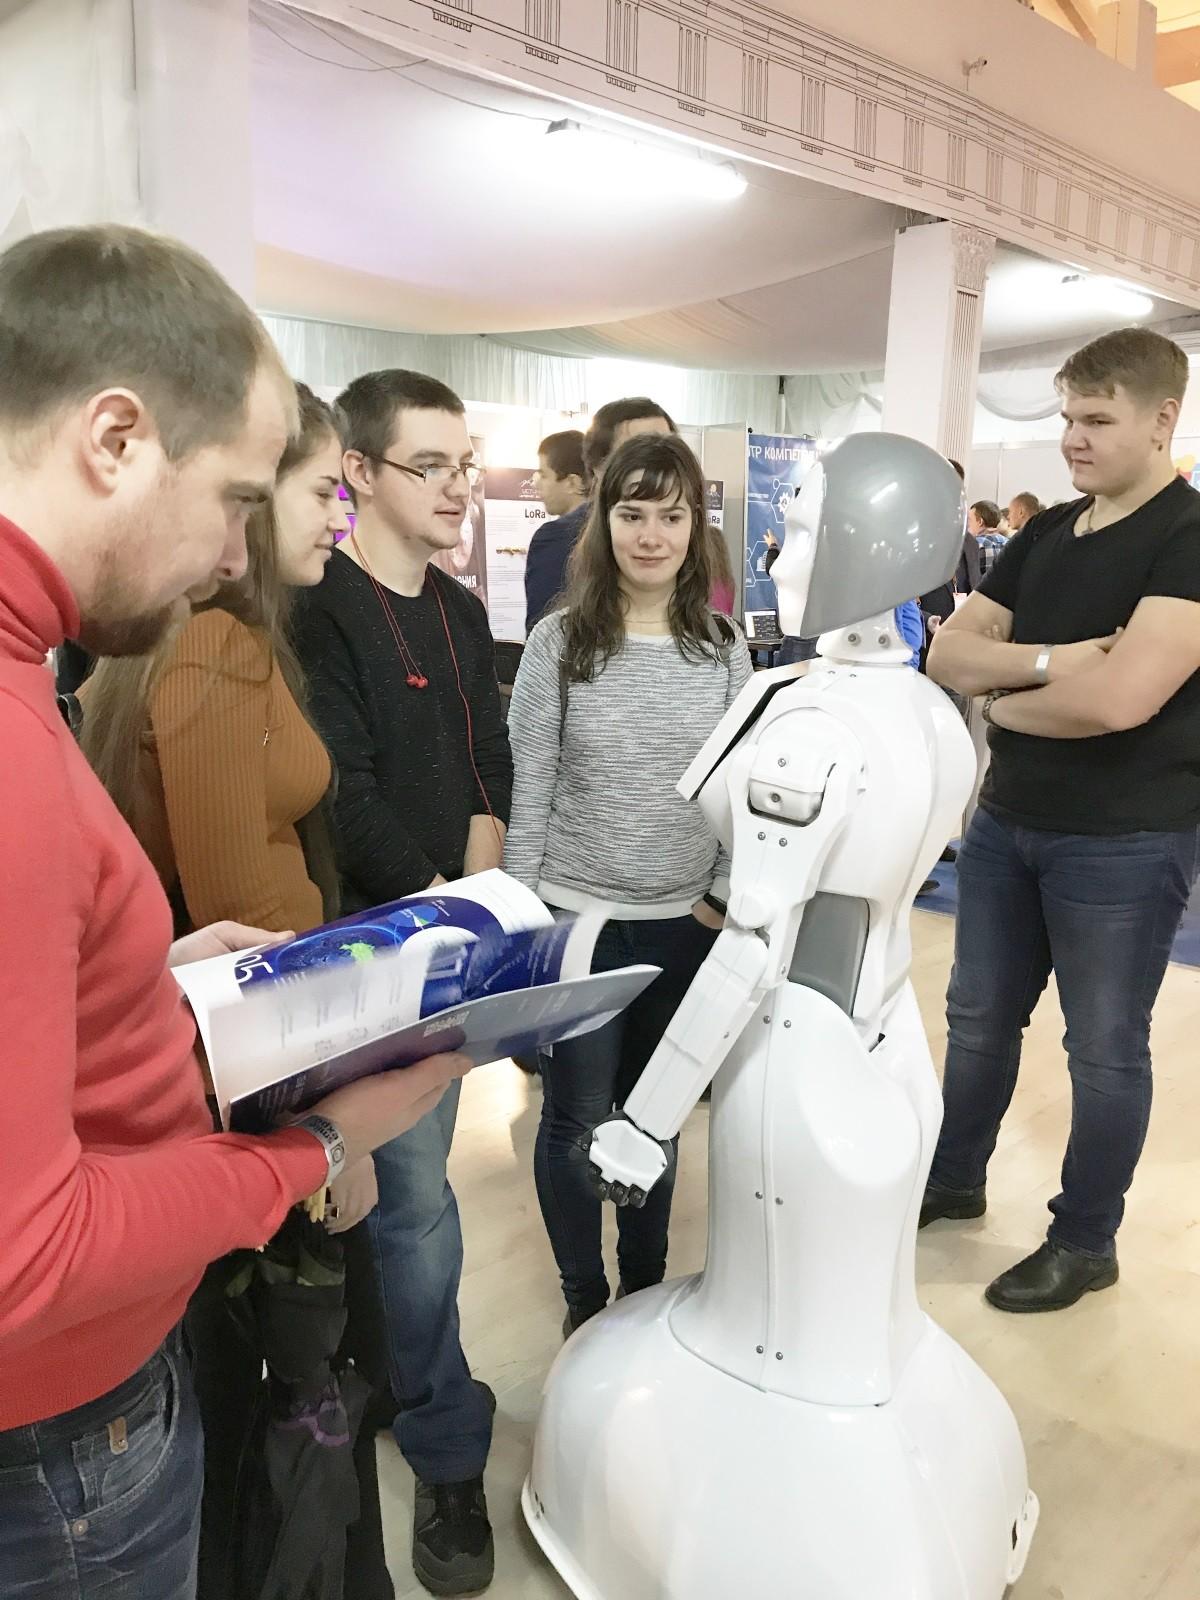 За развлекательную часть программы отвечала KiKi — робот-промоутер.